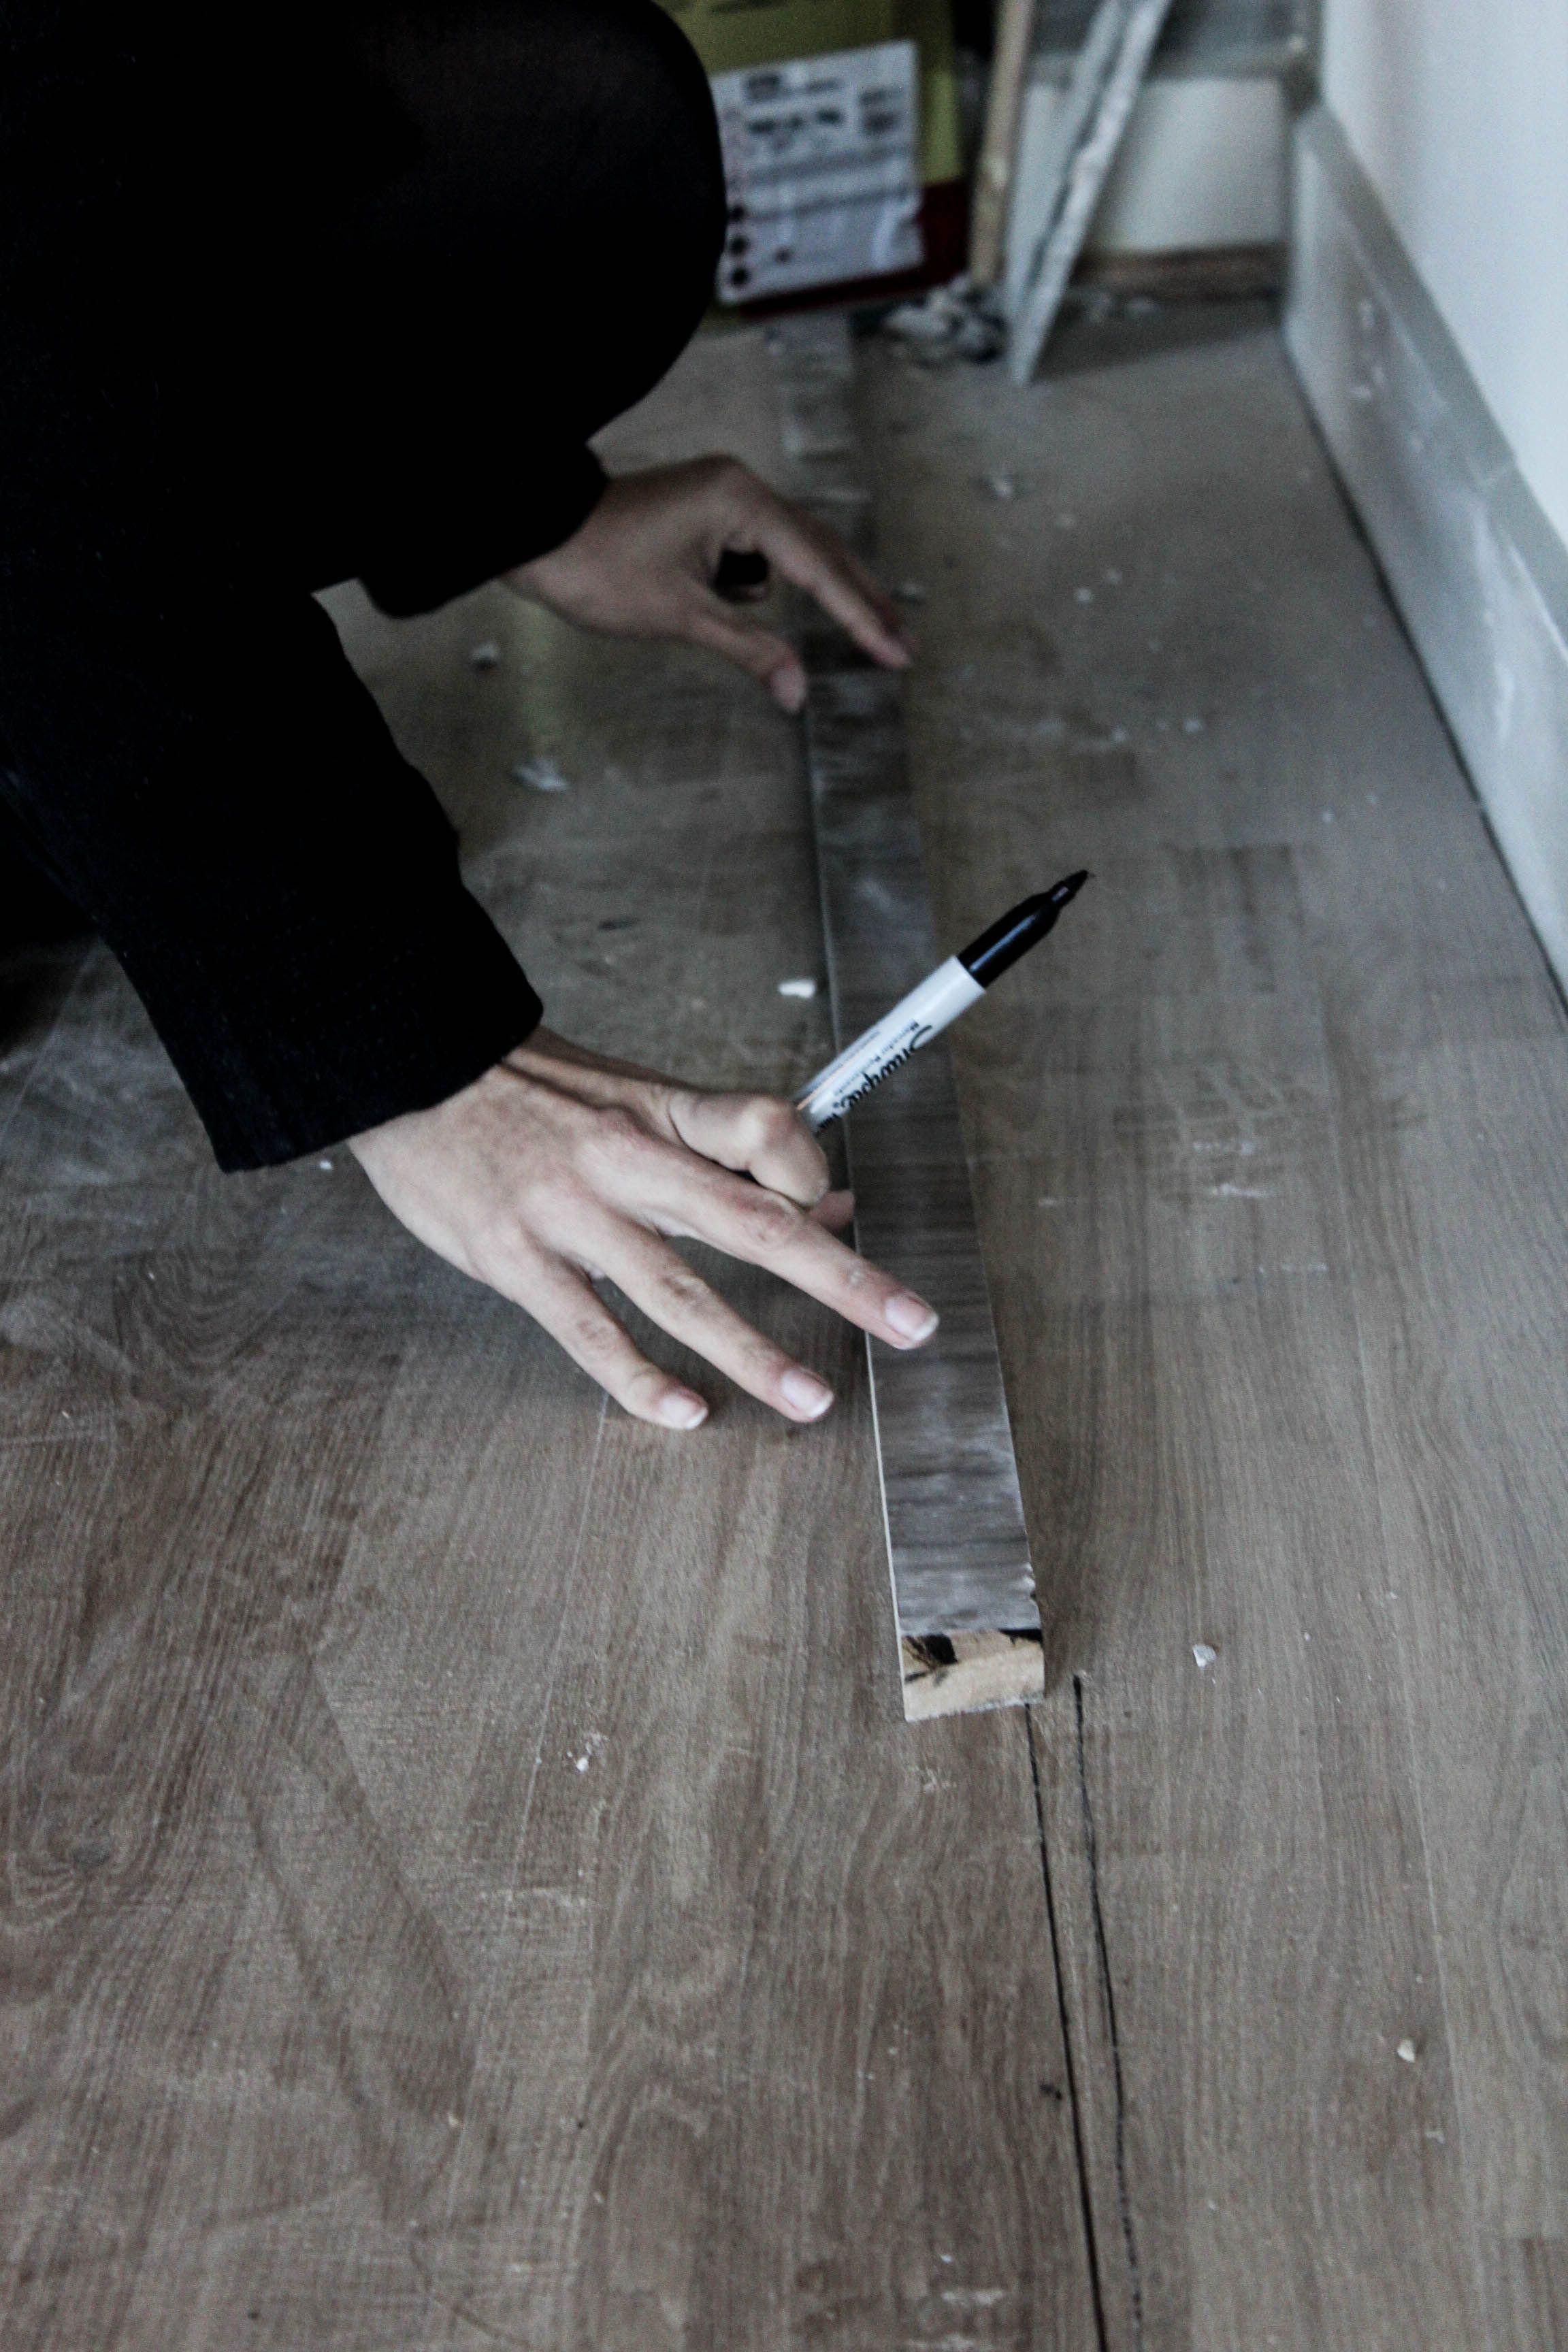 Desenhando no chão onde seria instalado o piso de grama sintética. #diariodeobra #escala1:1 #arquitetura #escalareal